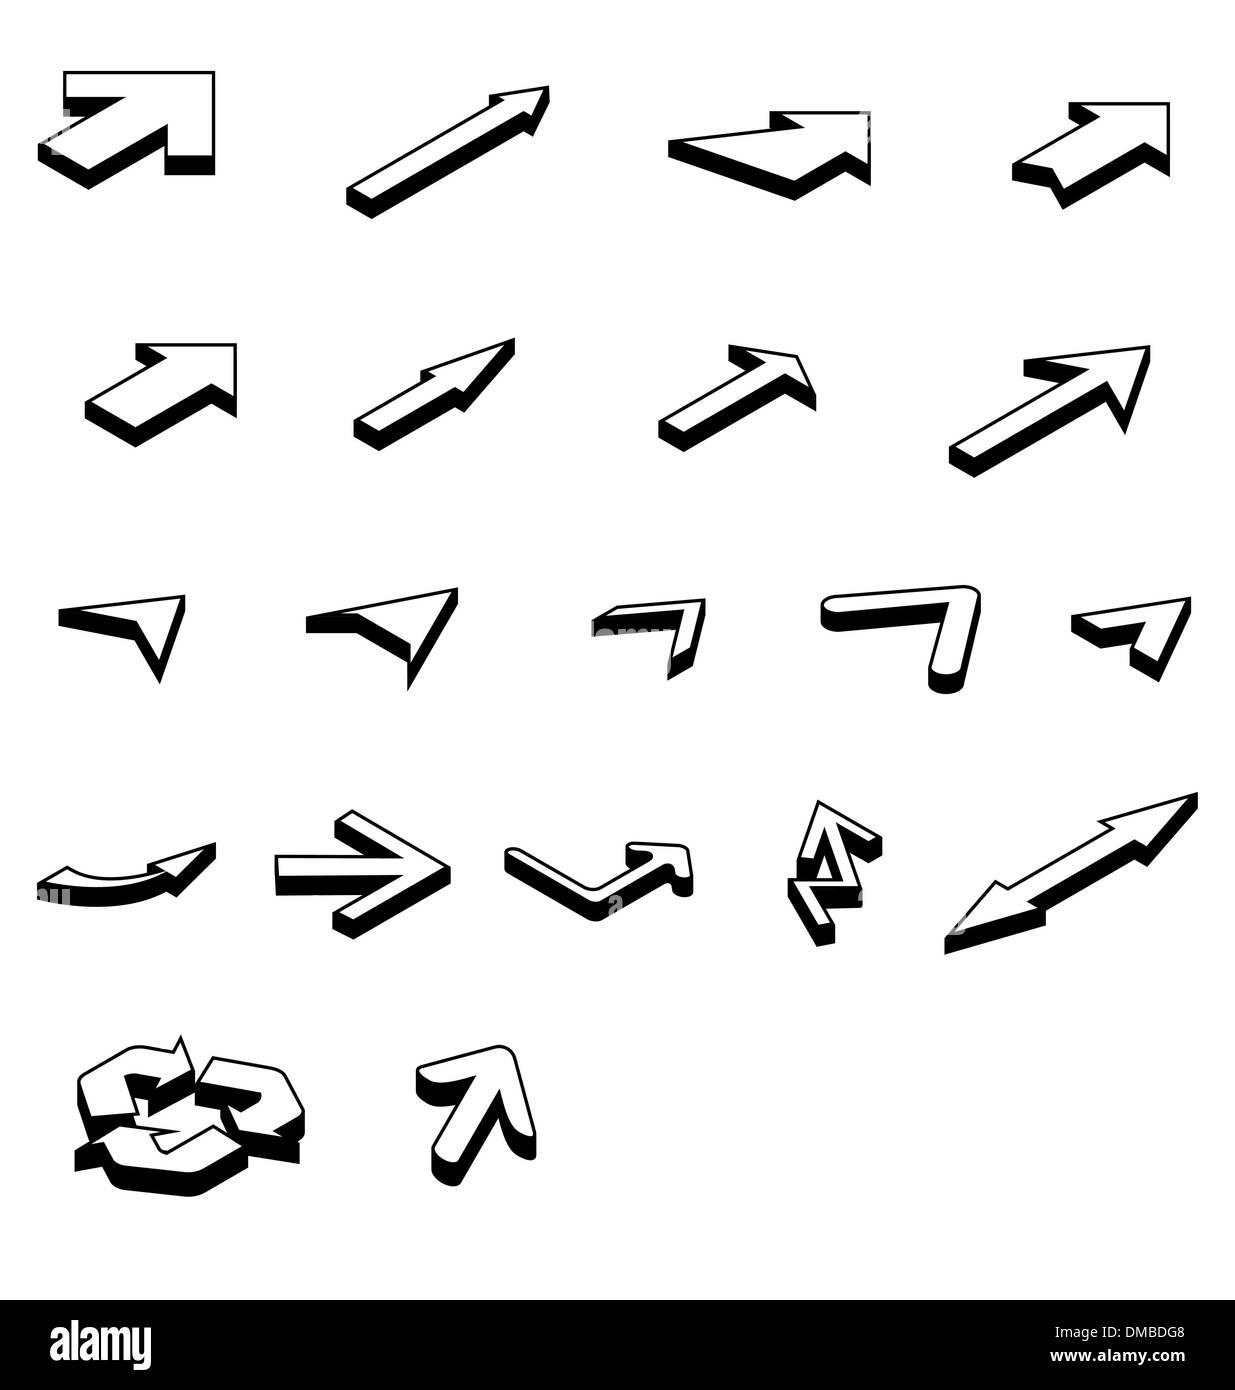 arrows isometric - Stock Image